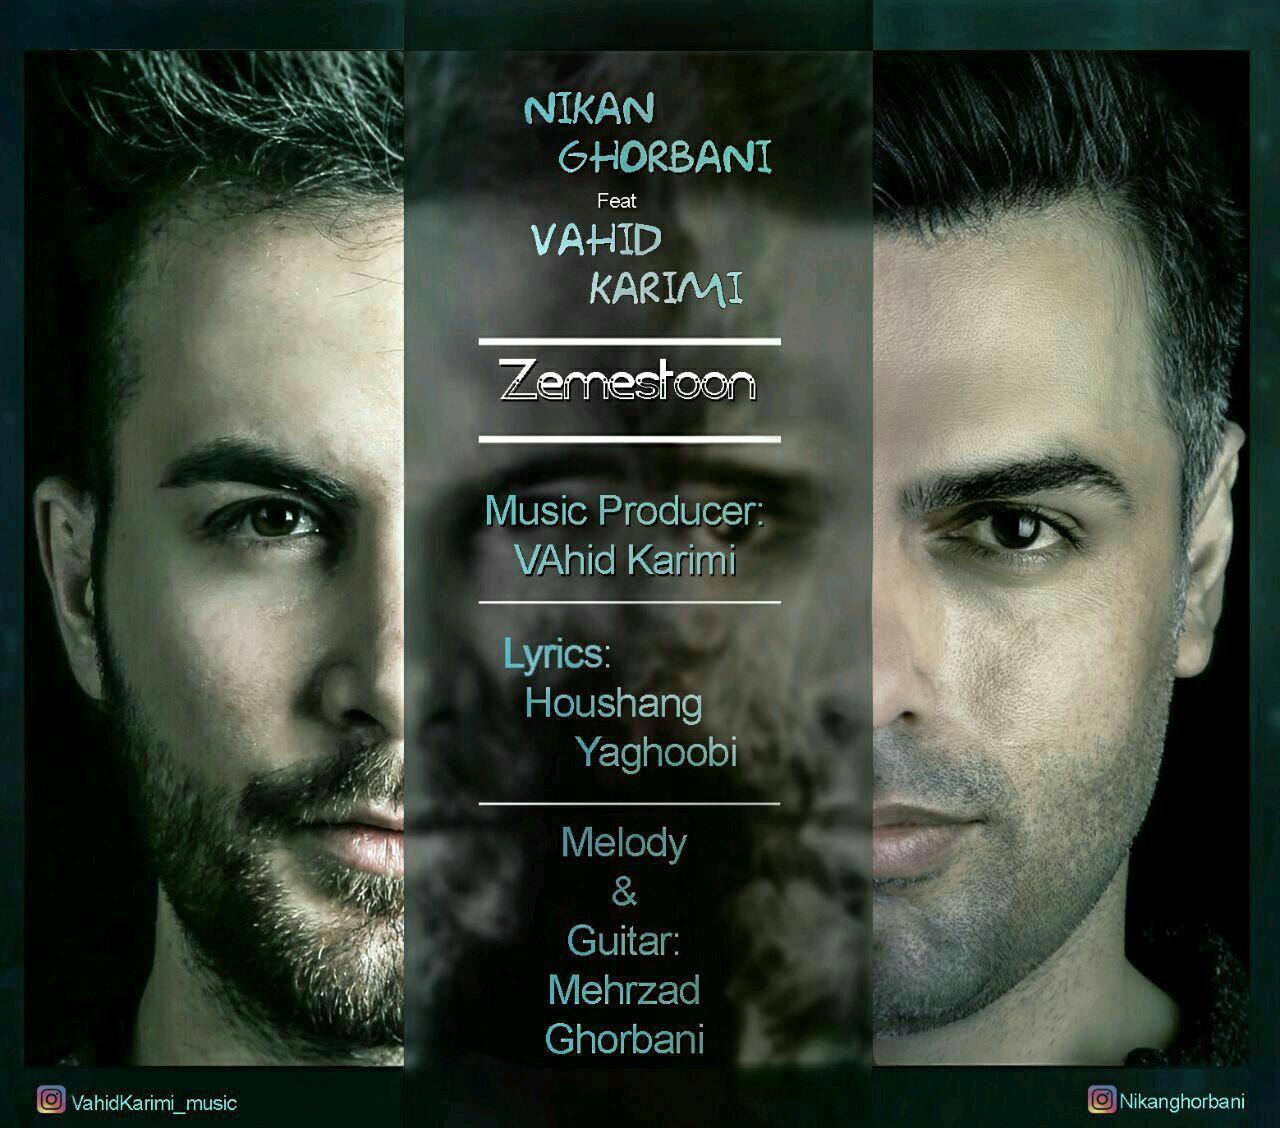 دانلود آهنگ جدید نیکان قربانی و وحید کریمی به نام زمستون Download New Music Nikan Ghorbani Vahid Karimi Called Zemestoon  https://behmusic.com/51555/%d9%86%db%8c%da%a9%d8%a7%d9%86-%d9%82%d8%b1%d8%a8%d8%a7%d9%86%db%8c-%d9%88-%d9%88%d8%ad%db%8c%d8%af-%da%a9%d8%b1%db%8c%d9%85%db%8c-%d8%b2%d9%85%d8%b3%d8%aa%d9%88%d9%86/